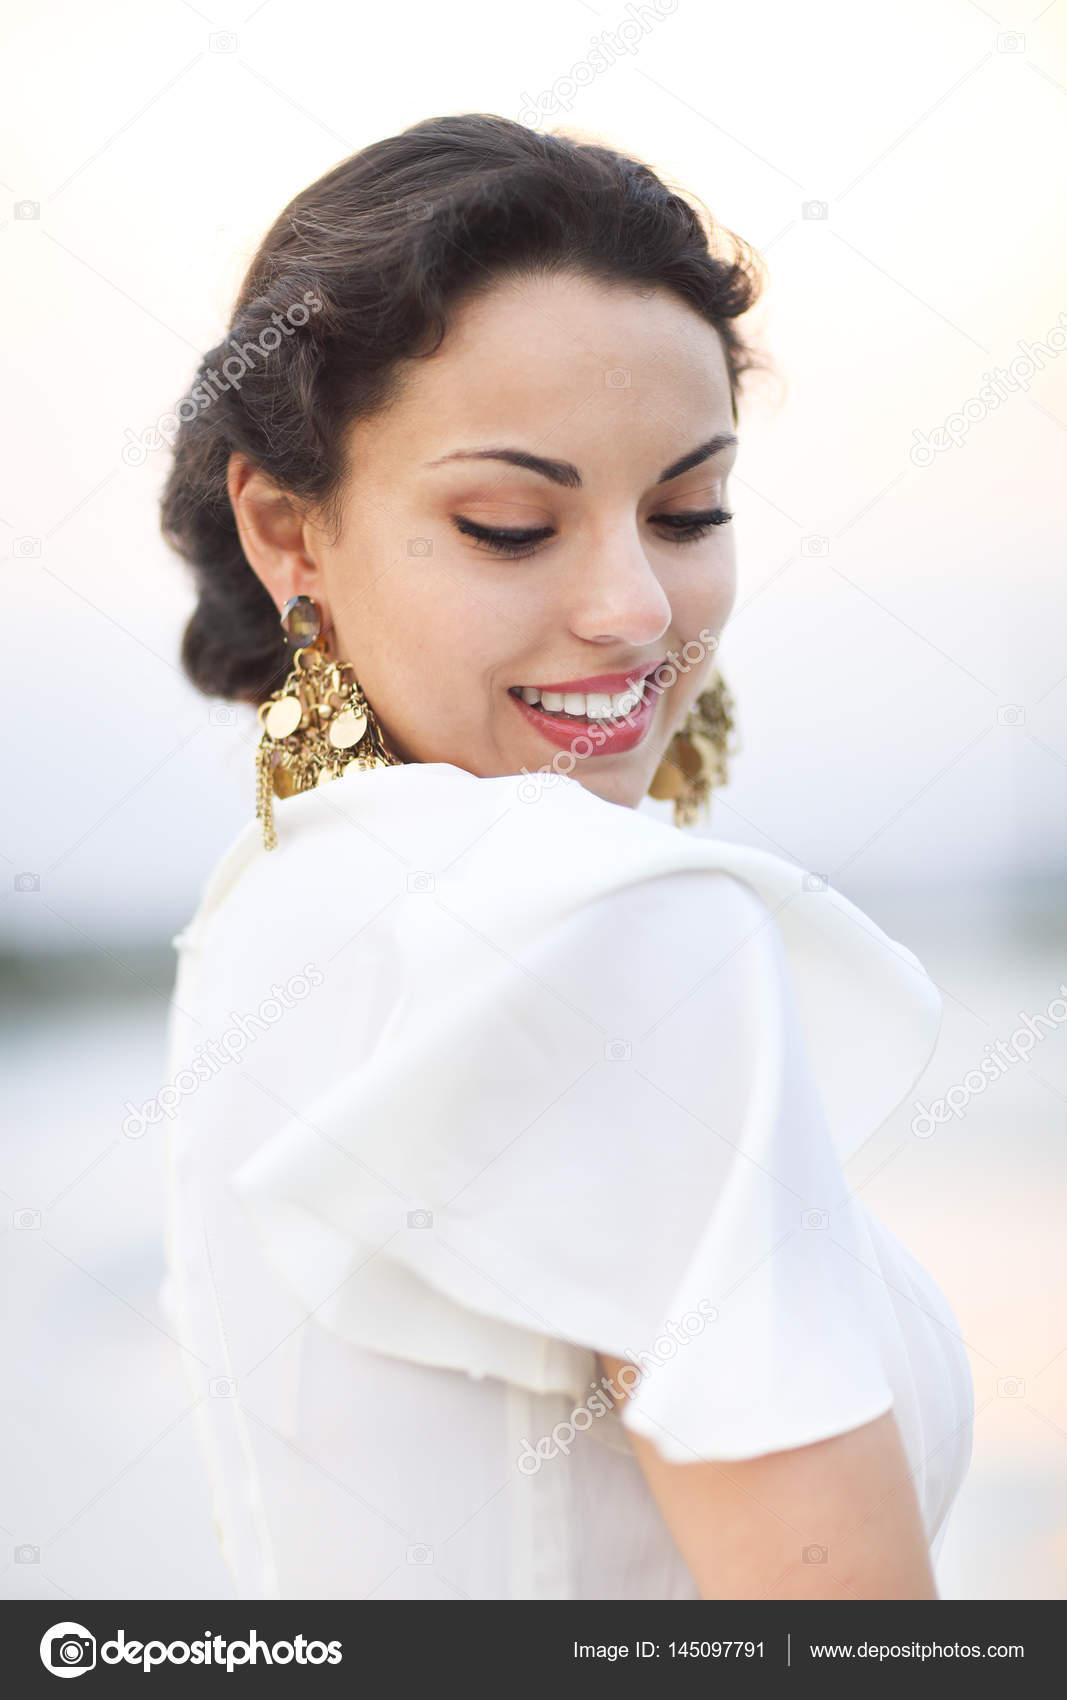 Porträt junge Braut mit brünette Haare im weißen Hochzeitskleid ein ...